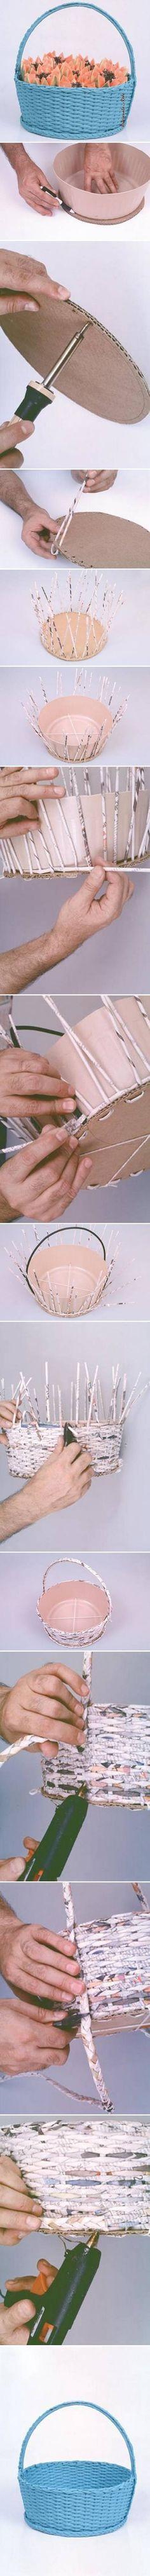 Cesta realizada en papel de periódico reciclado - DIY Simple Newspaper Basket